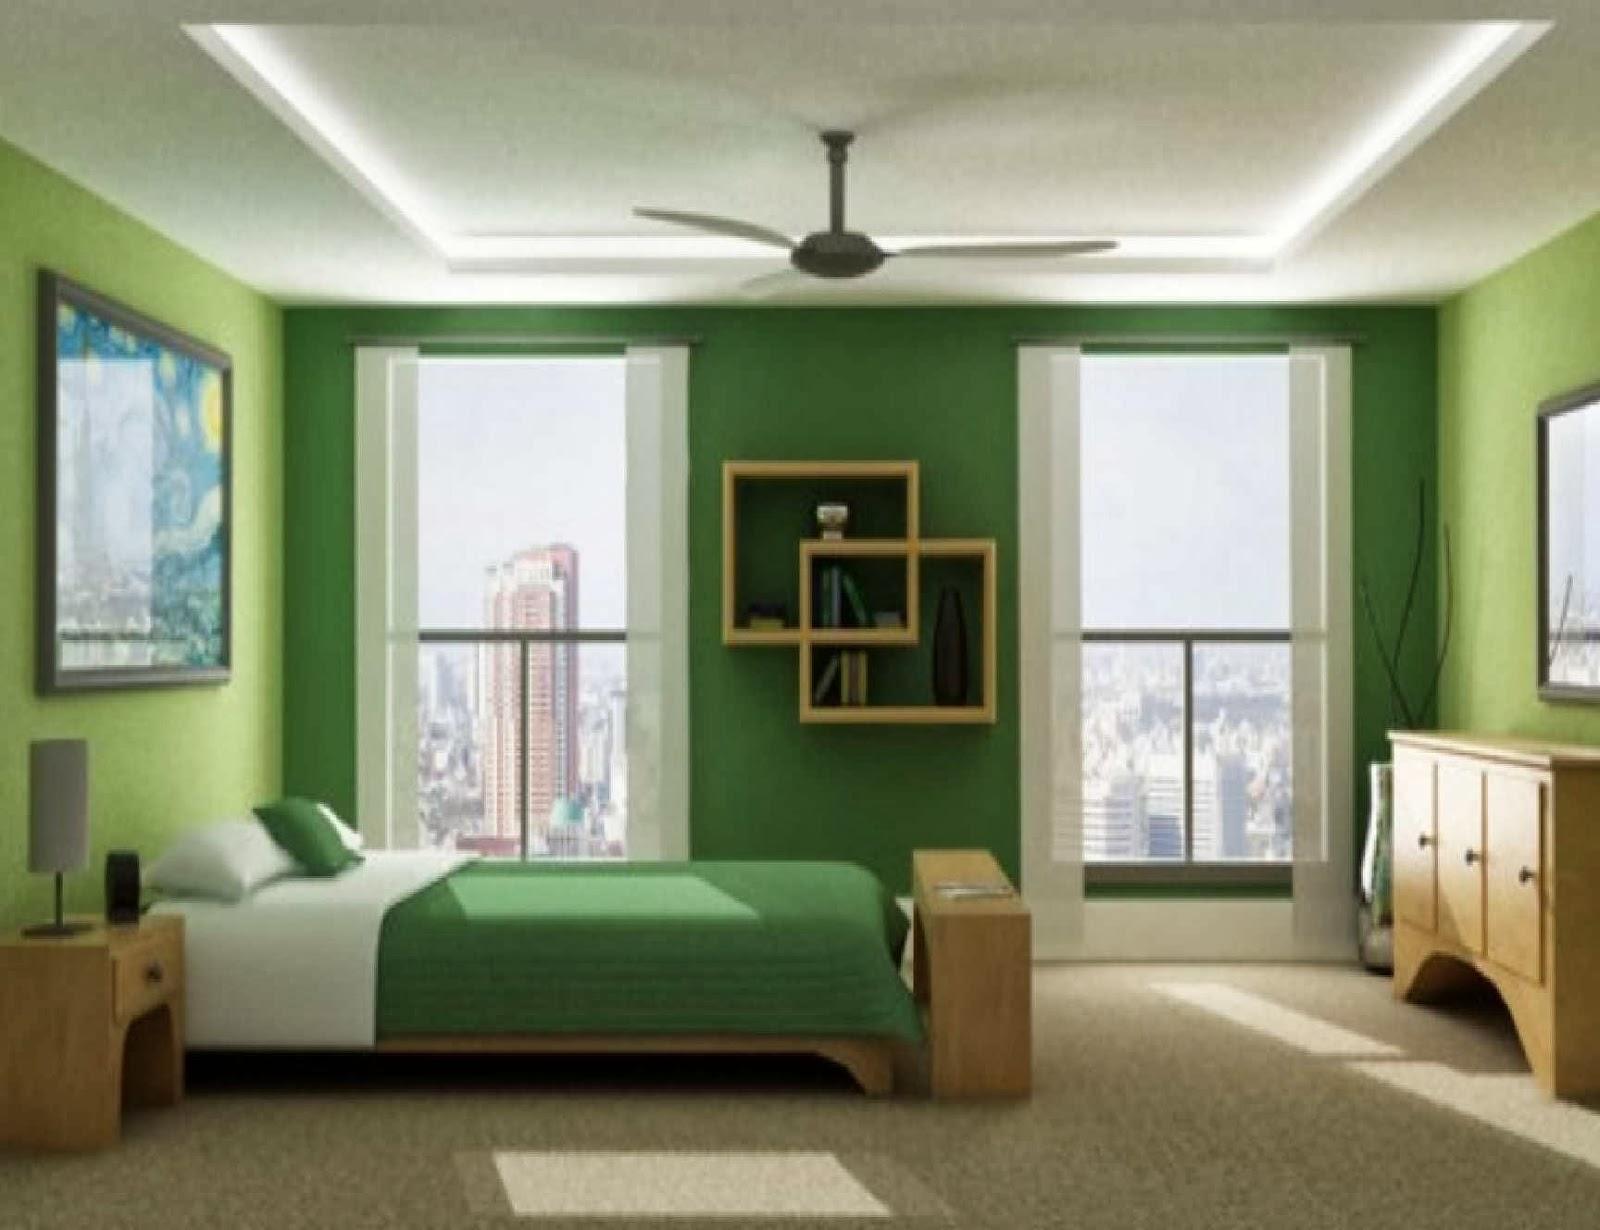 gambar rumah modis update: Contoh Desain Kamar Tidur ...